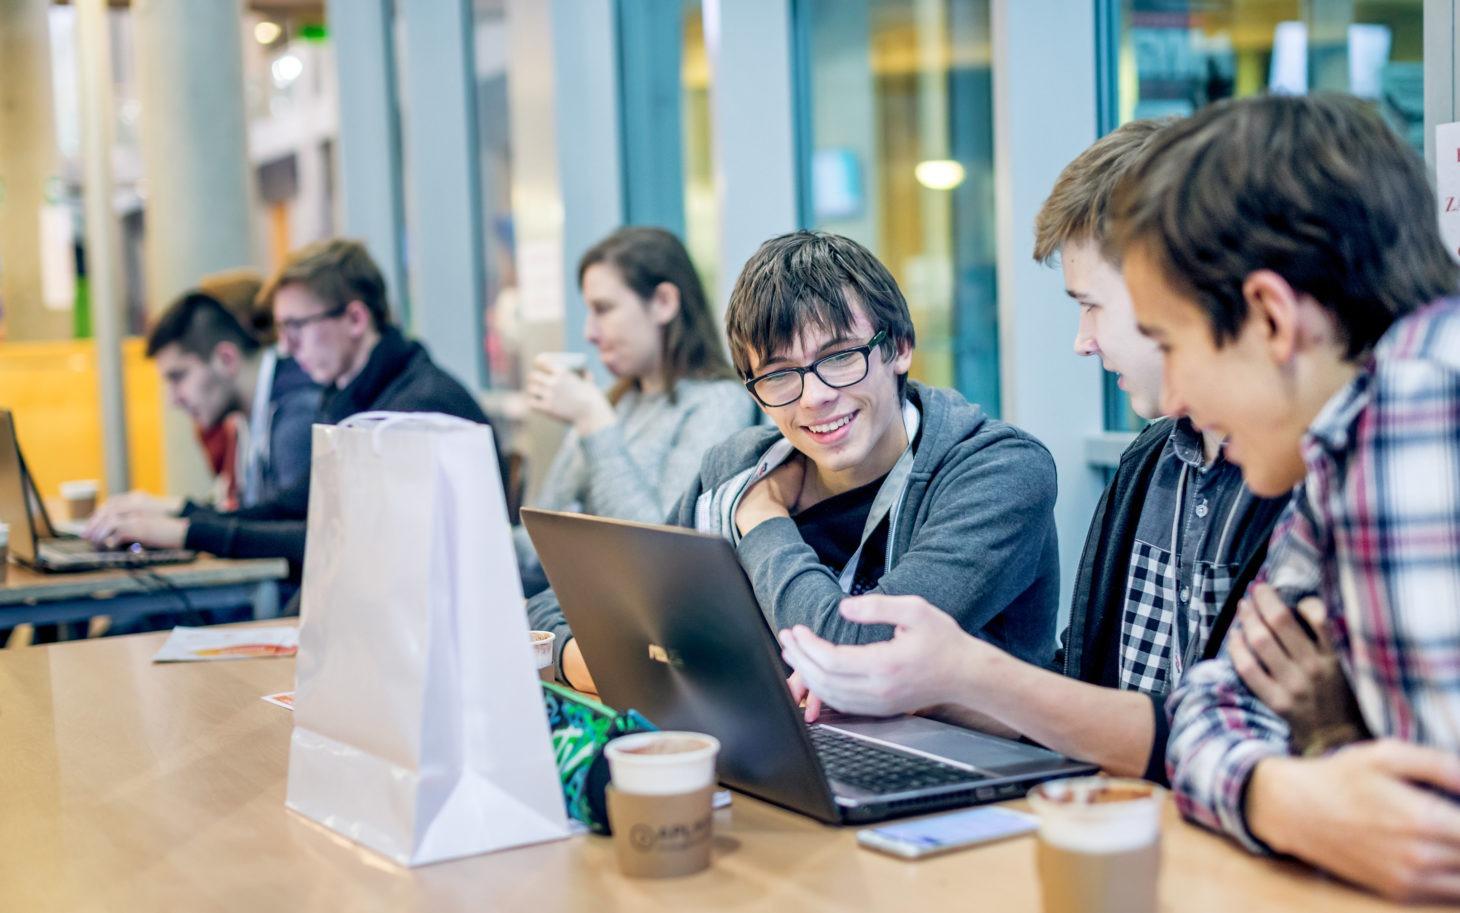 Na zdjęciu widać grupę uczniów, którzy omawiają to, co widzą na monitorze laptopa